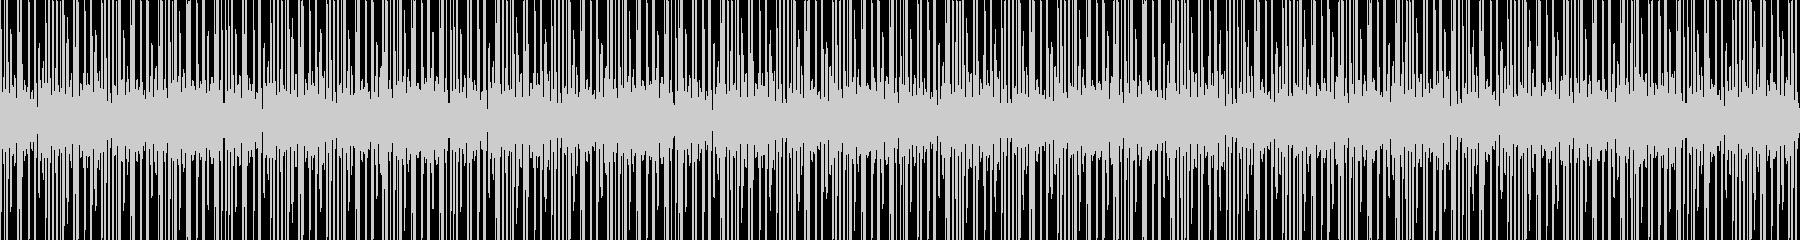 研究所のビートの未再生の波形